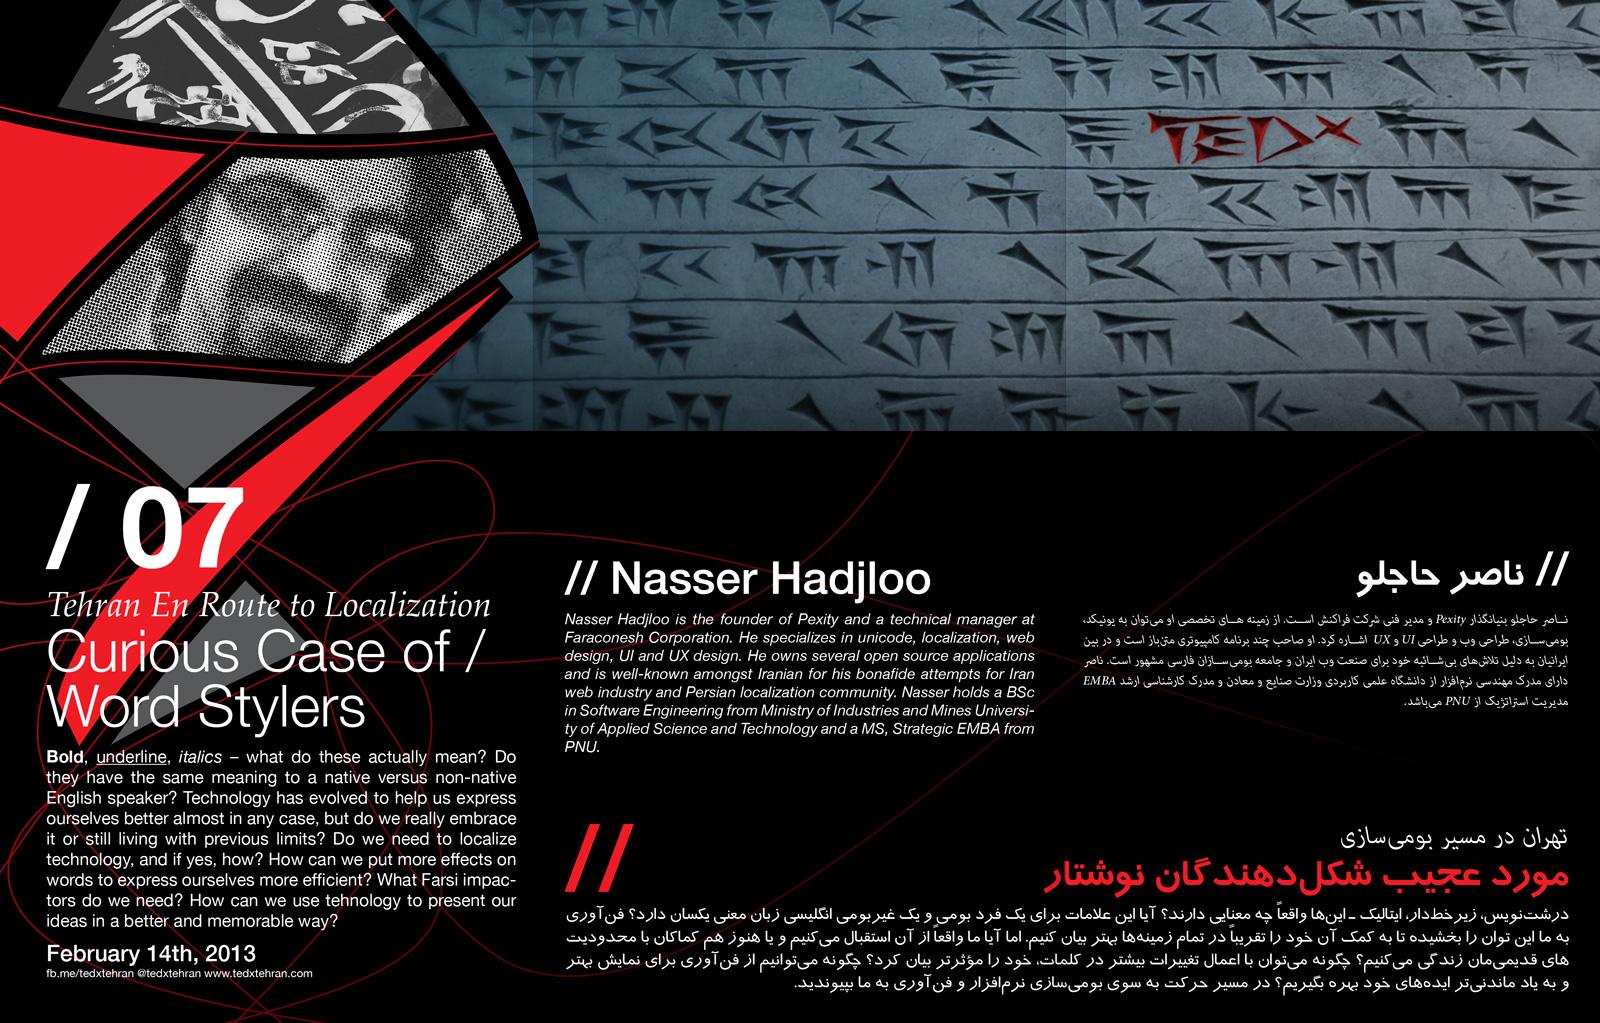 ناصر حاجلو